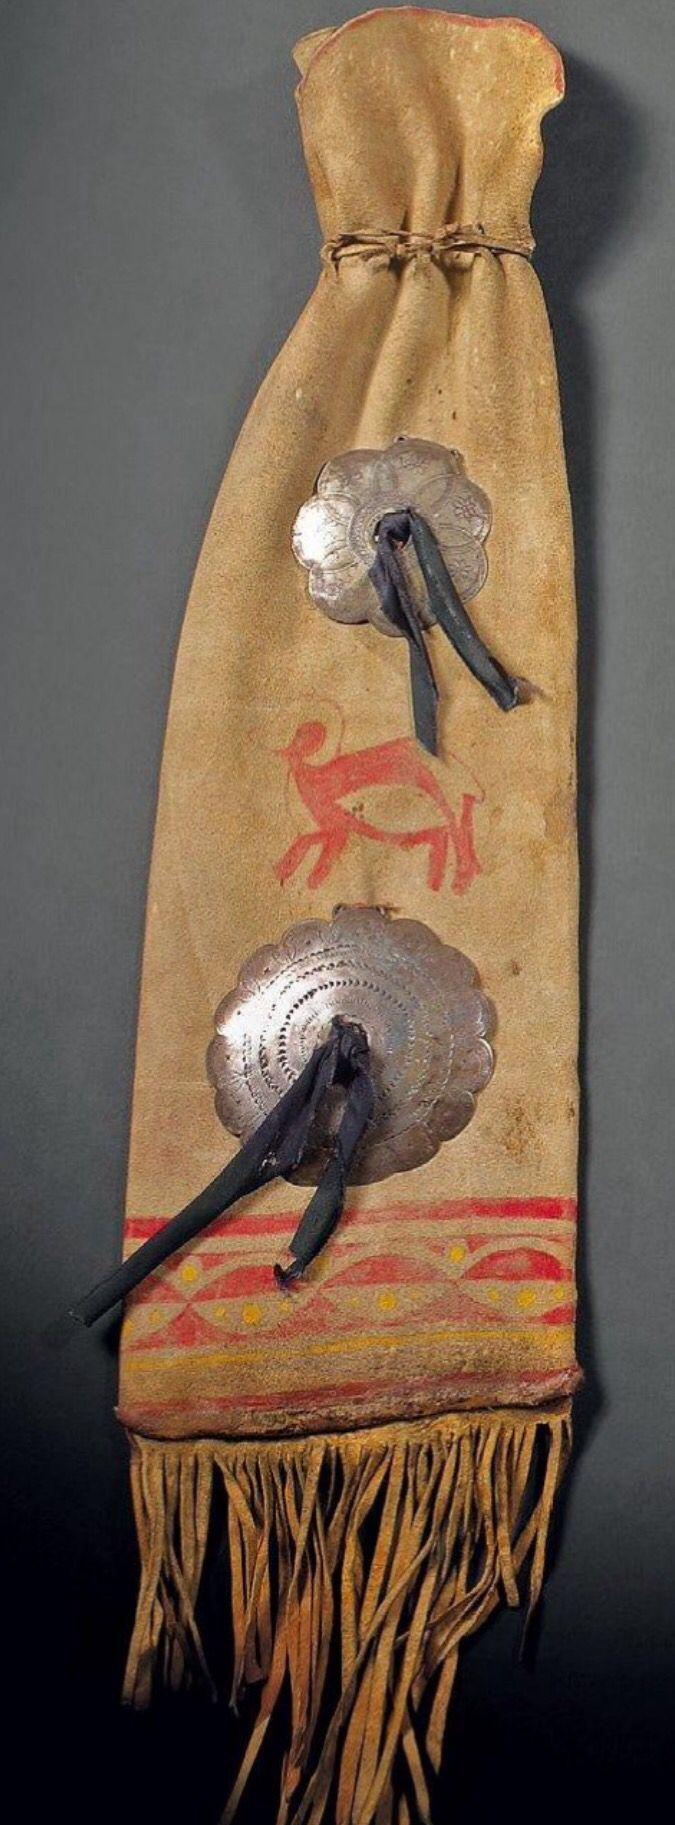 Сумка pipe Районе Великих Озер, в Сша в Конце Xix и Кожи, нарисованной на каждой грани, животных и геометрические узоры, желтые и красные, по две пластины серебра с гравировкой, черная ткань и бахрома. Длина 61 см. Binoche et giquello. Декабрь 2011.